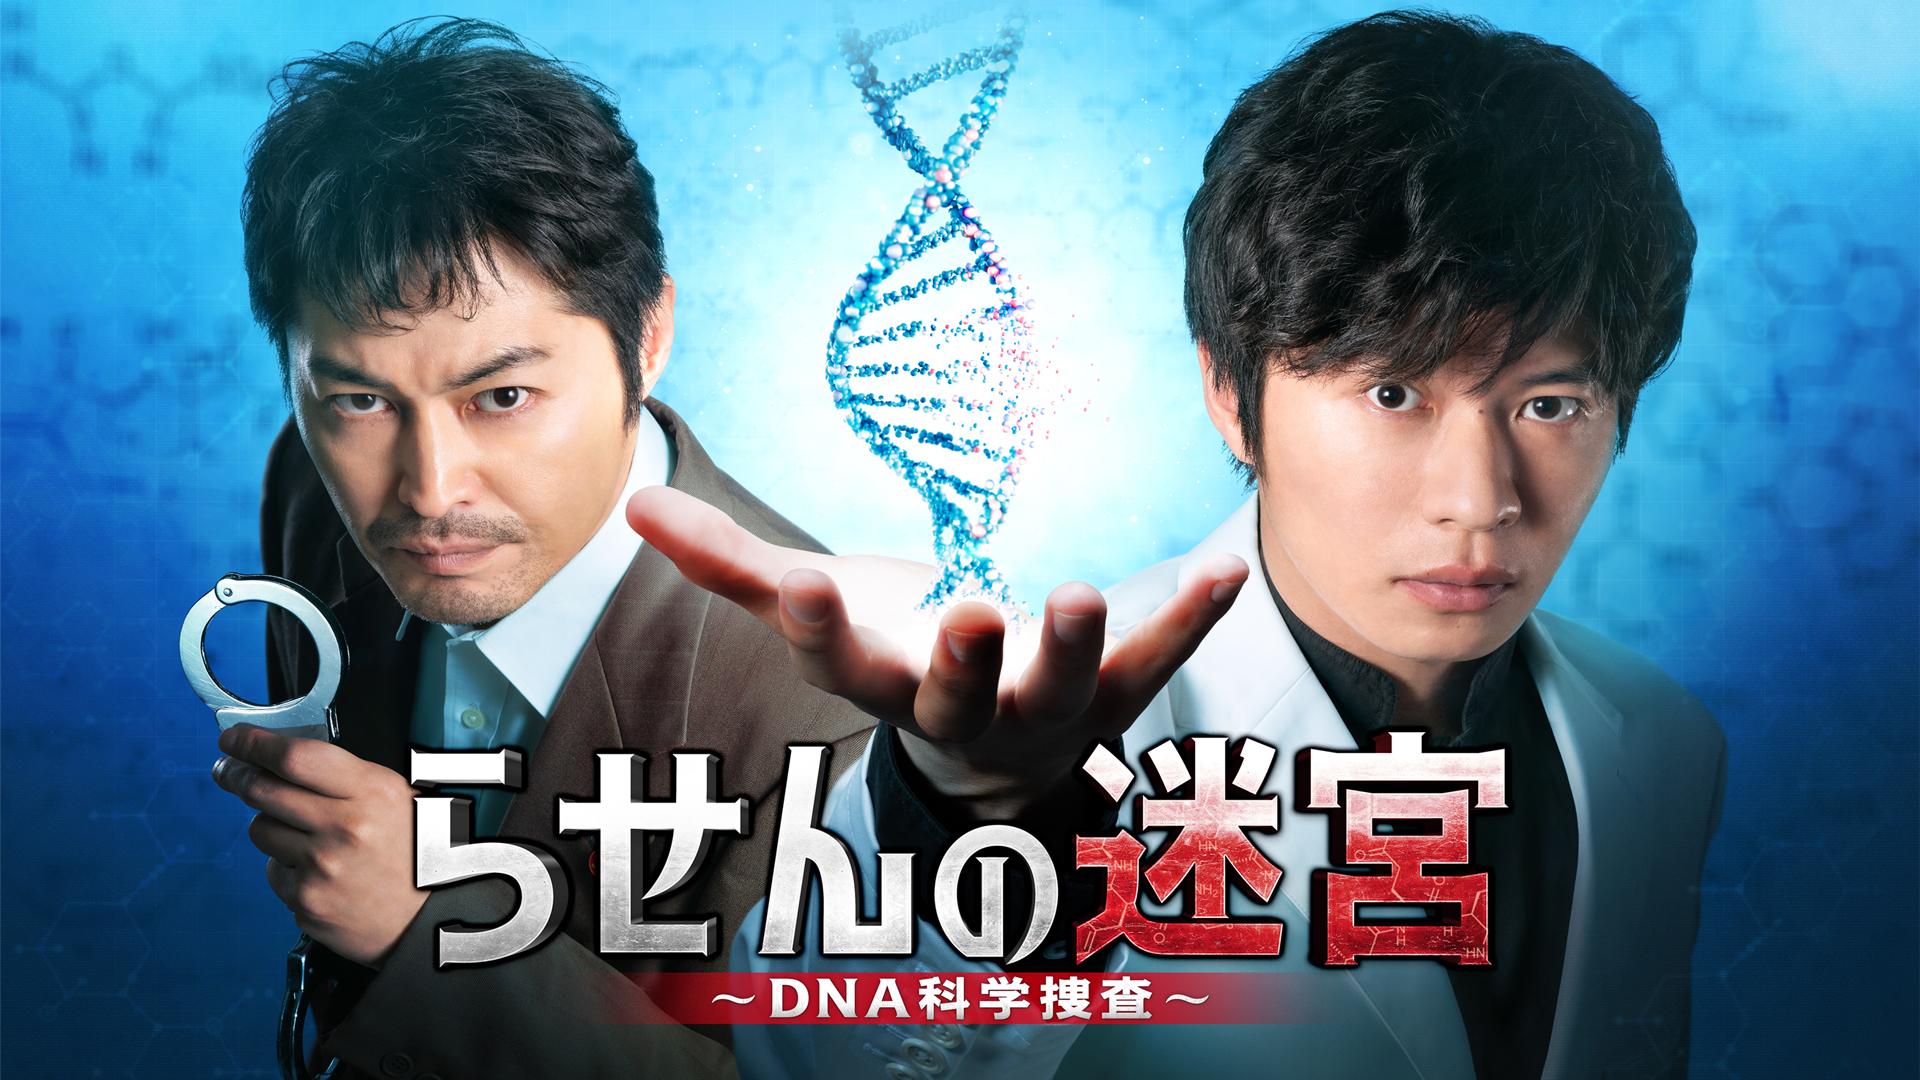 らせんの迷宮 〜DNA科学捜査〜 動画